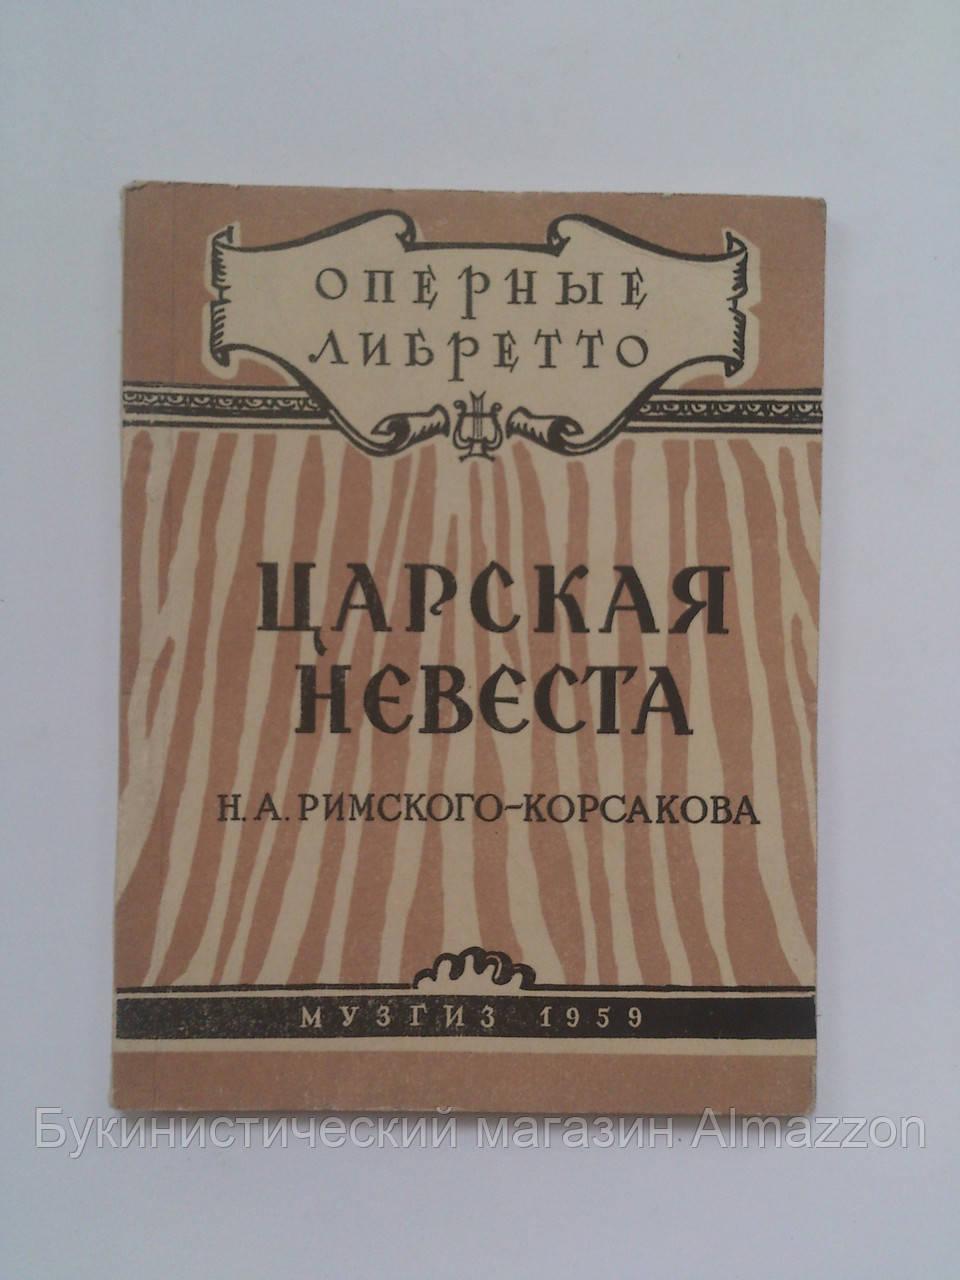 Царская невеста Н.А.Римского-Корсакова. Серия: Оперные либретто. Музгиз. 1959 год